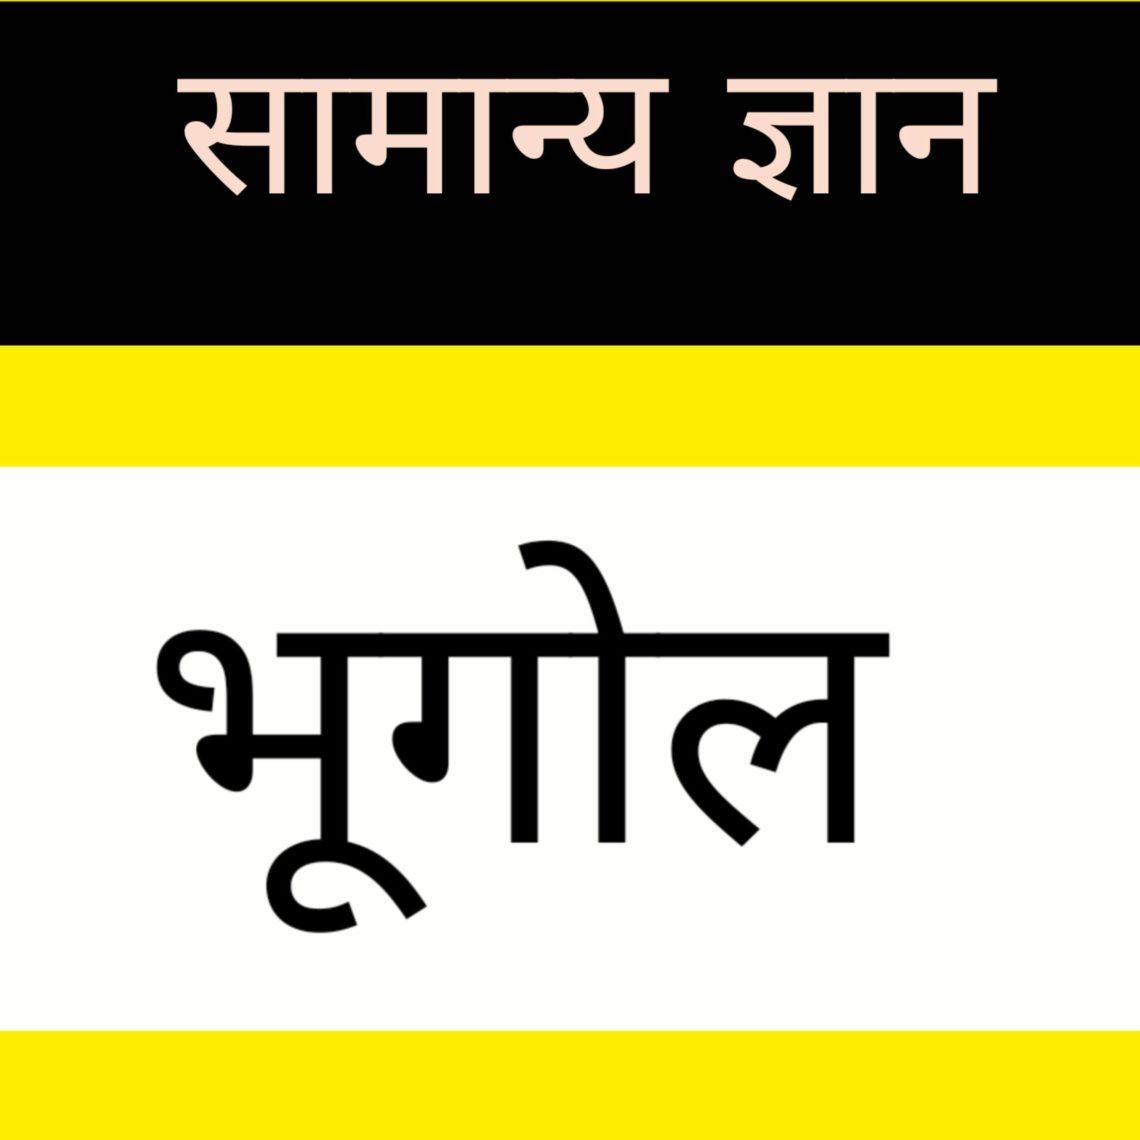 На каком языке говорят индусы